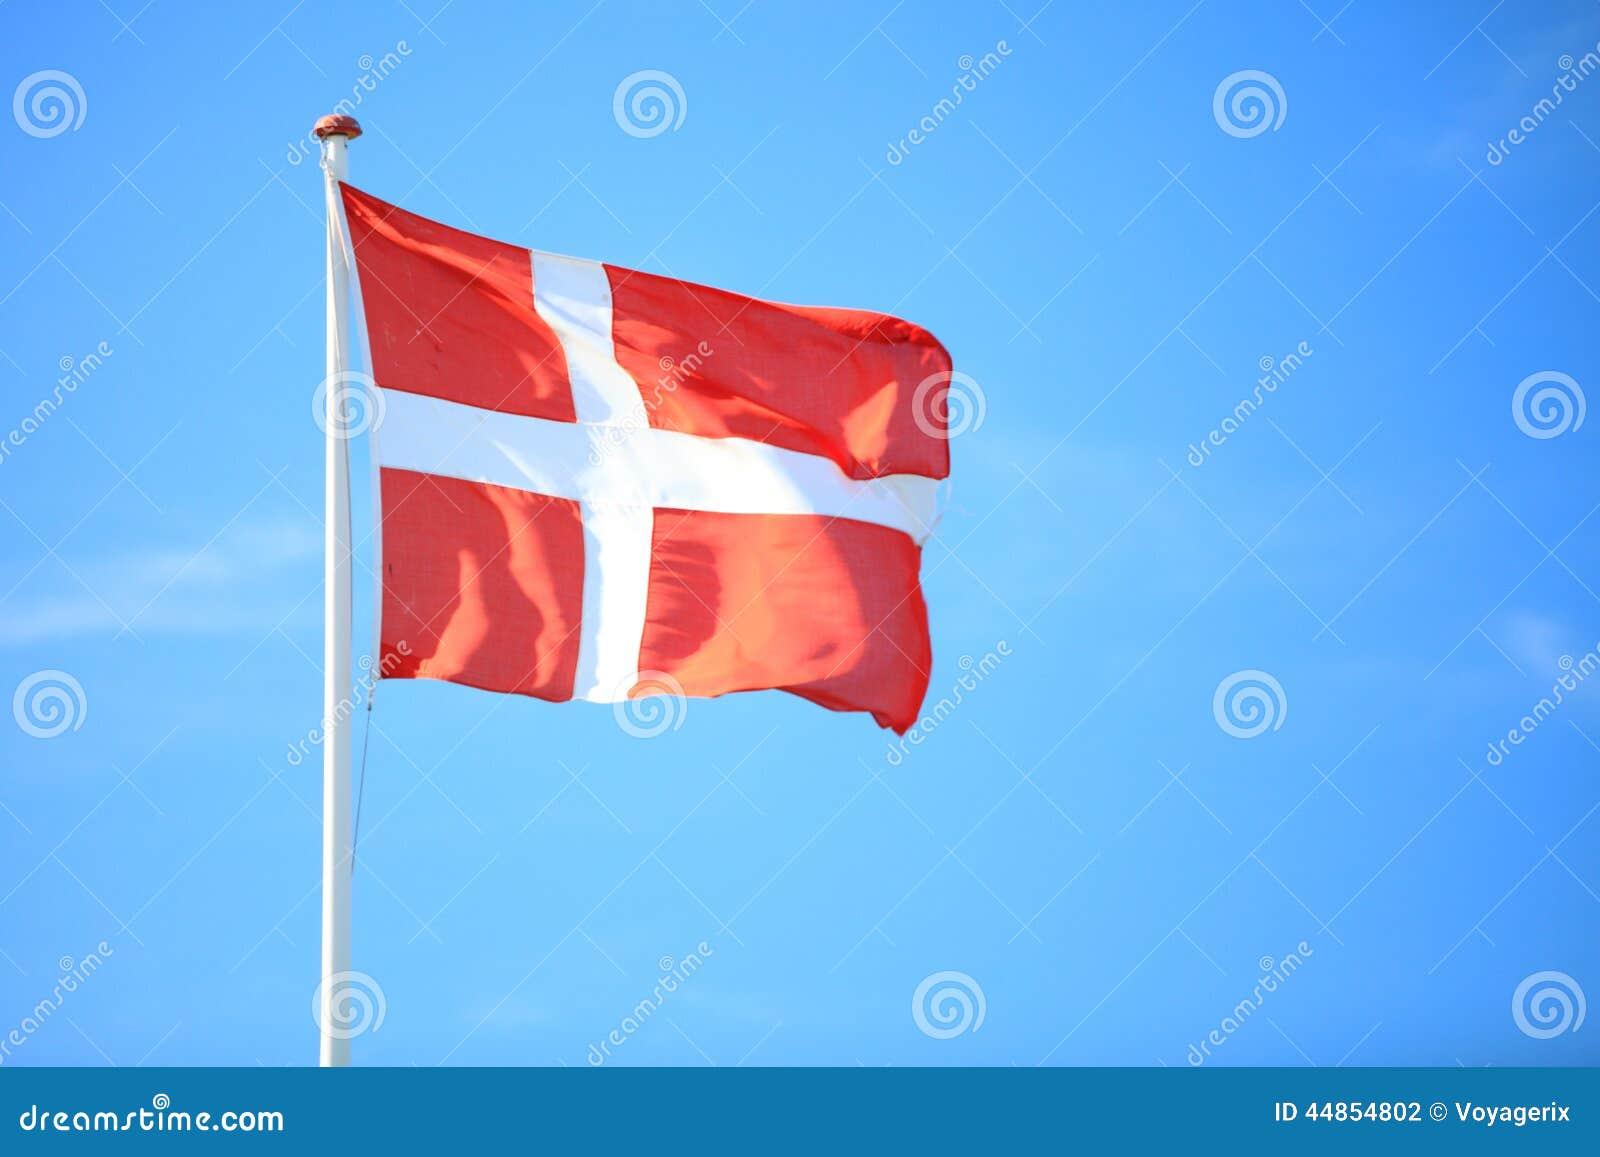 Bandera danesa con el cielo azul en fondo